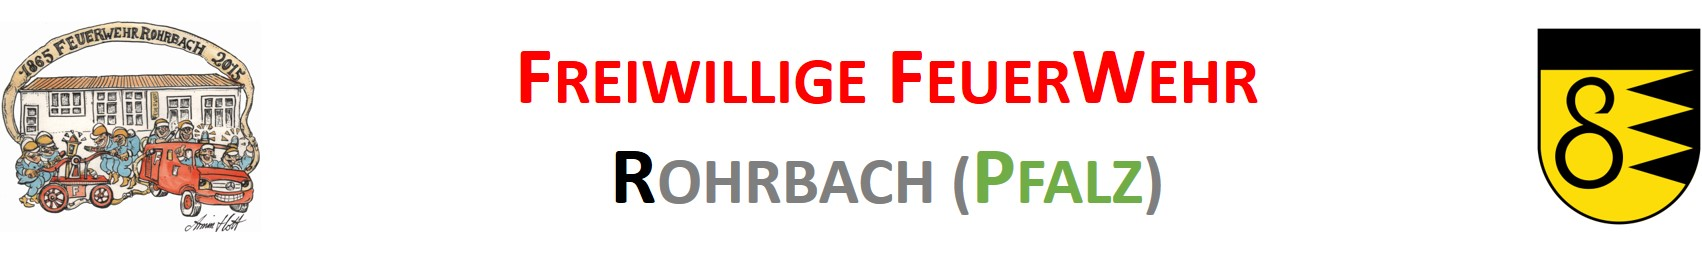 Freiwillige Feuerwehr Rohrbach